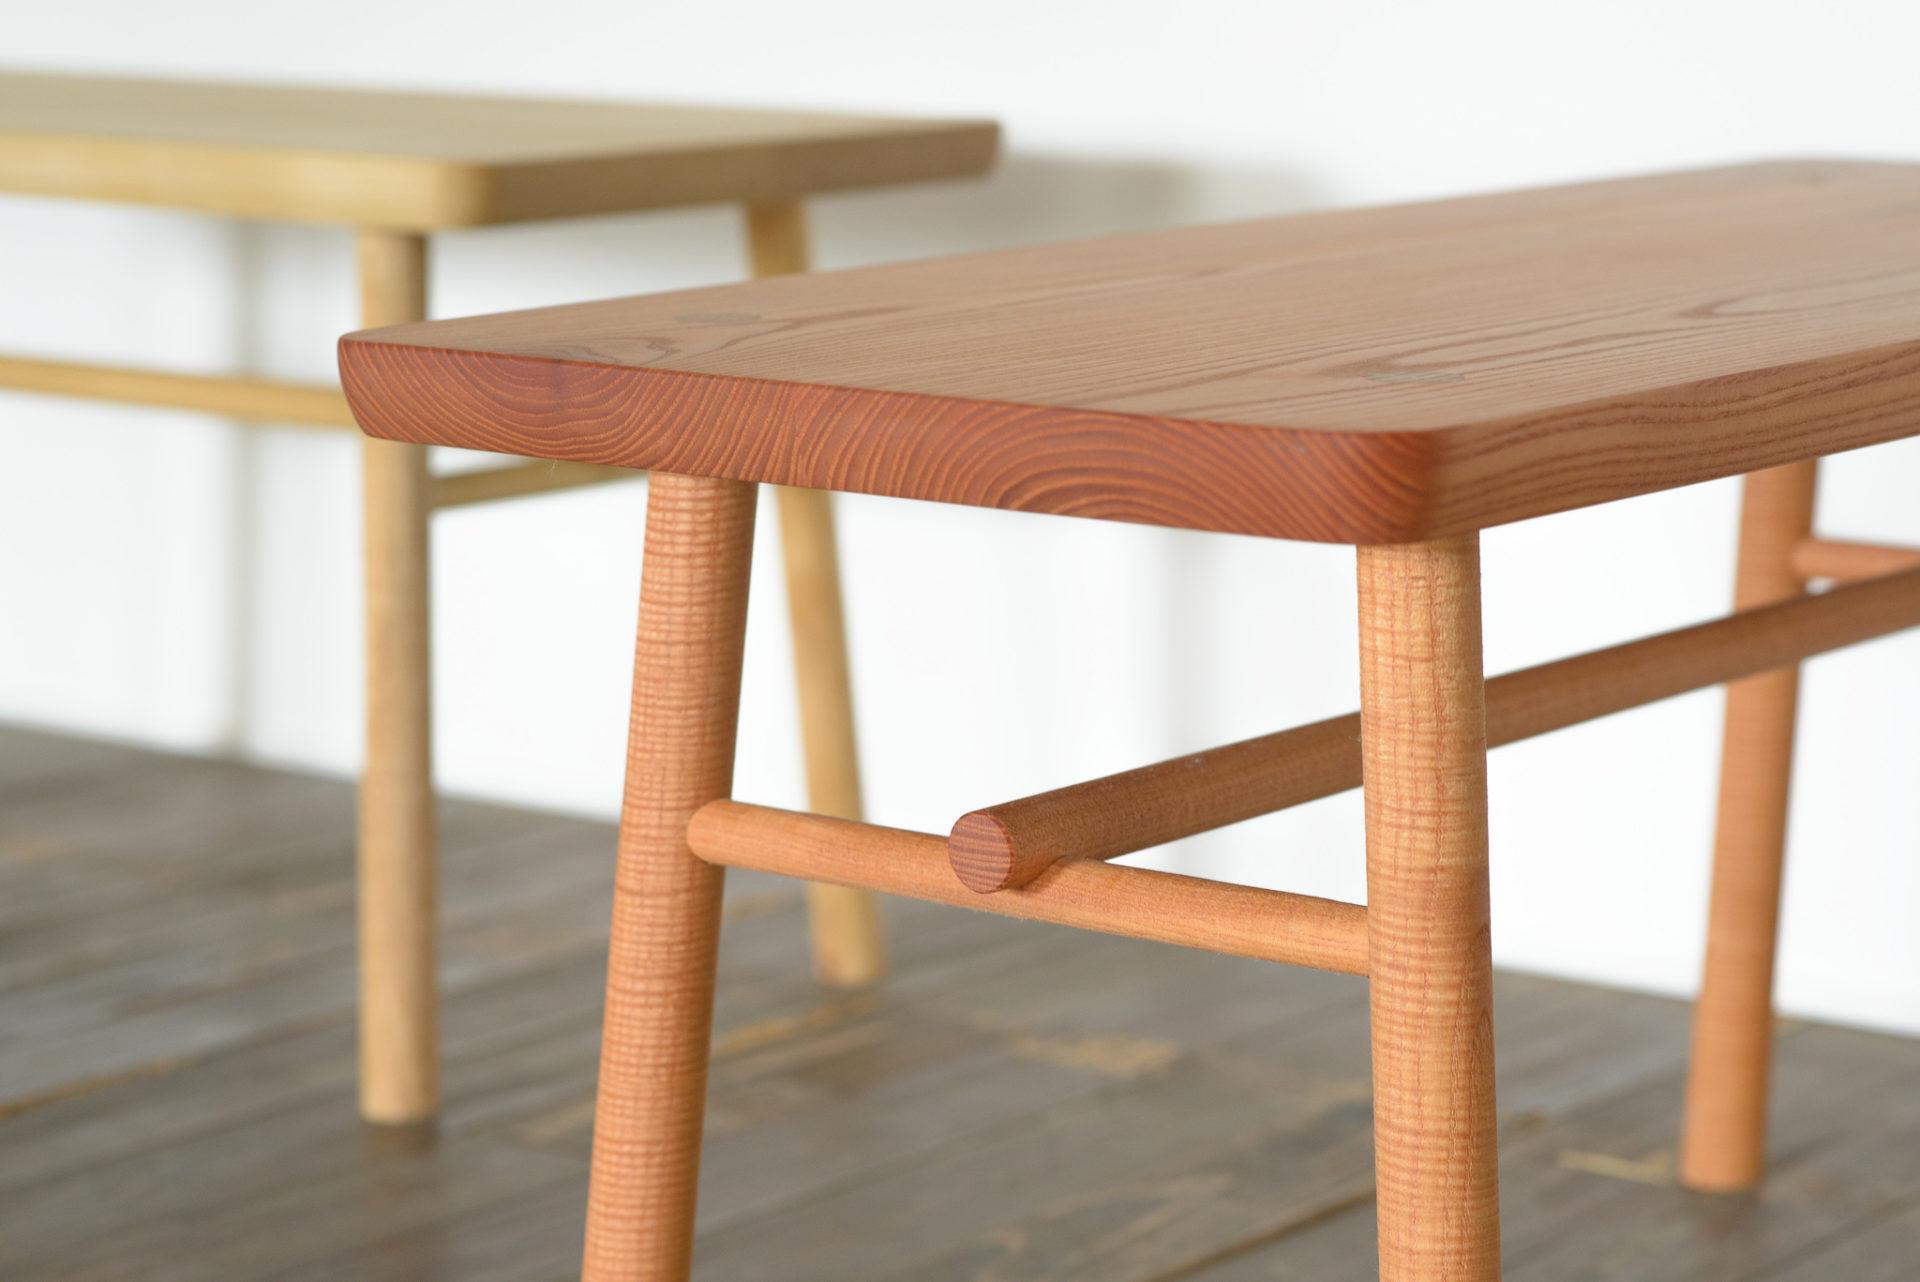 合同会社小島屋   KOJIMAYA    The Logde chair  ロッジチェア PHOTO FOR ONLINESHOP